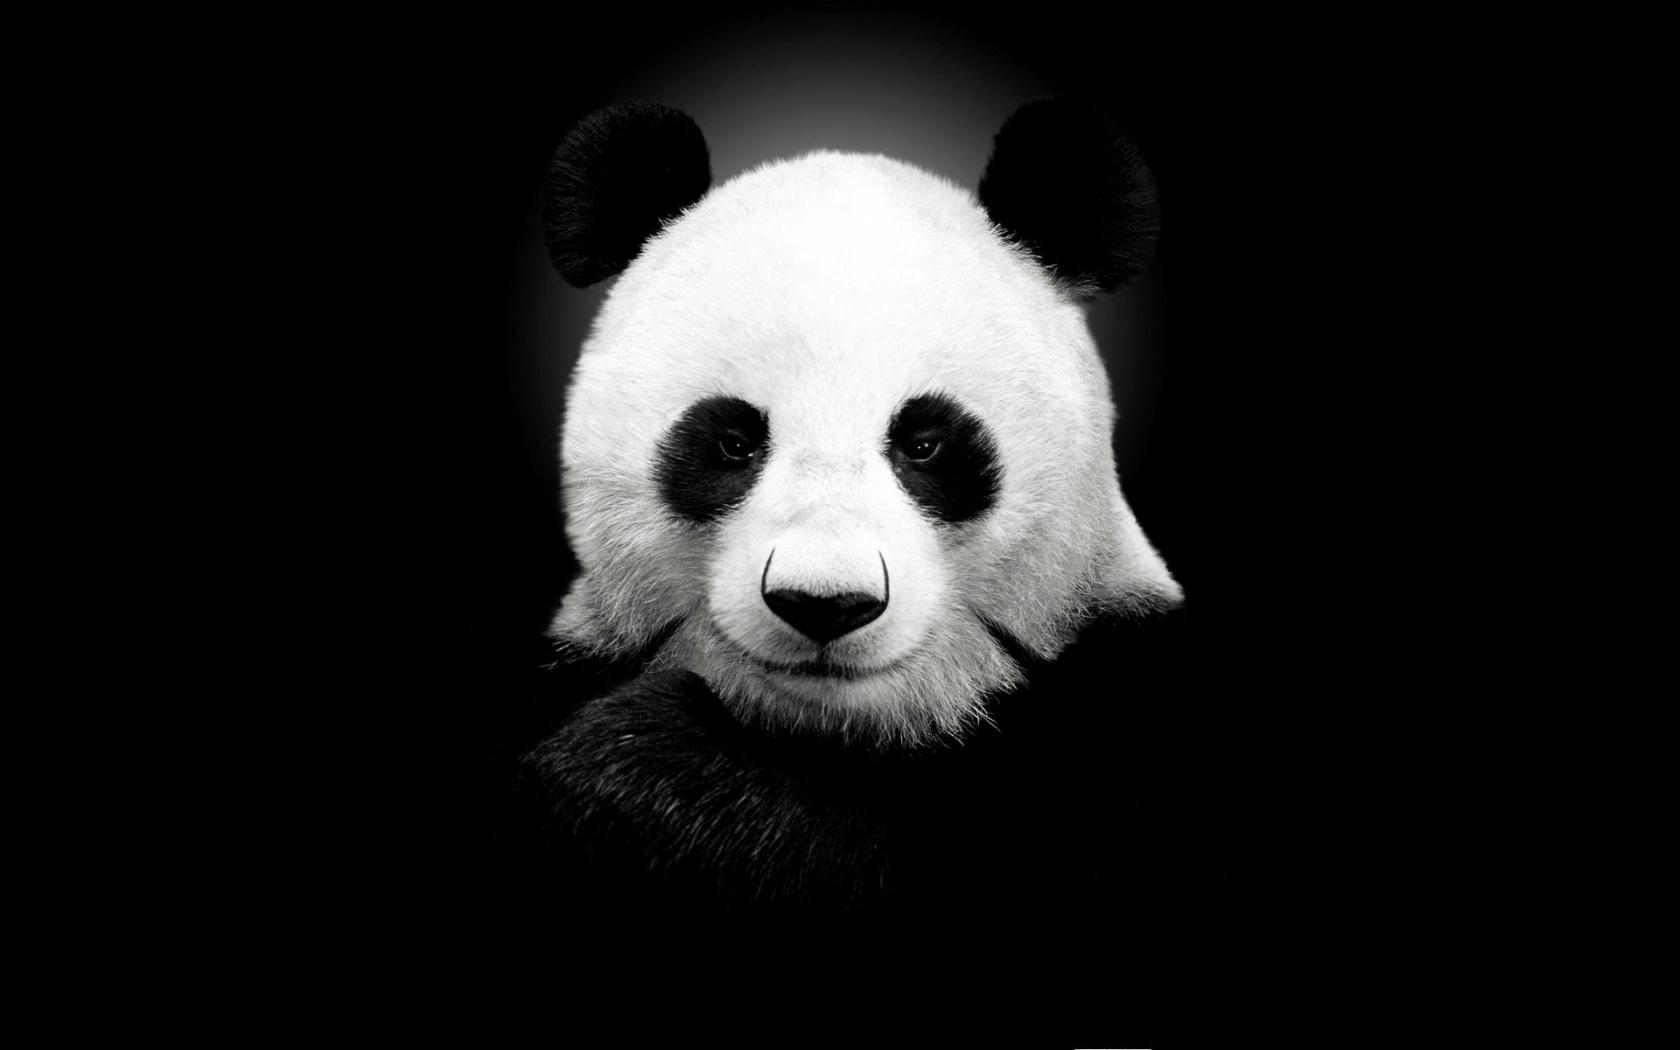 cute panda wallpaper 15789